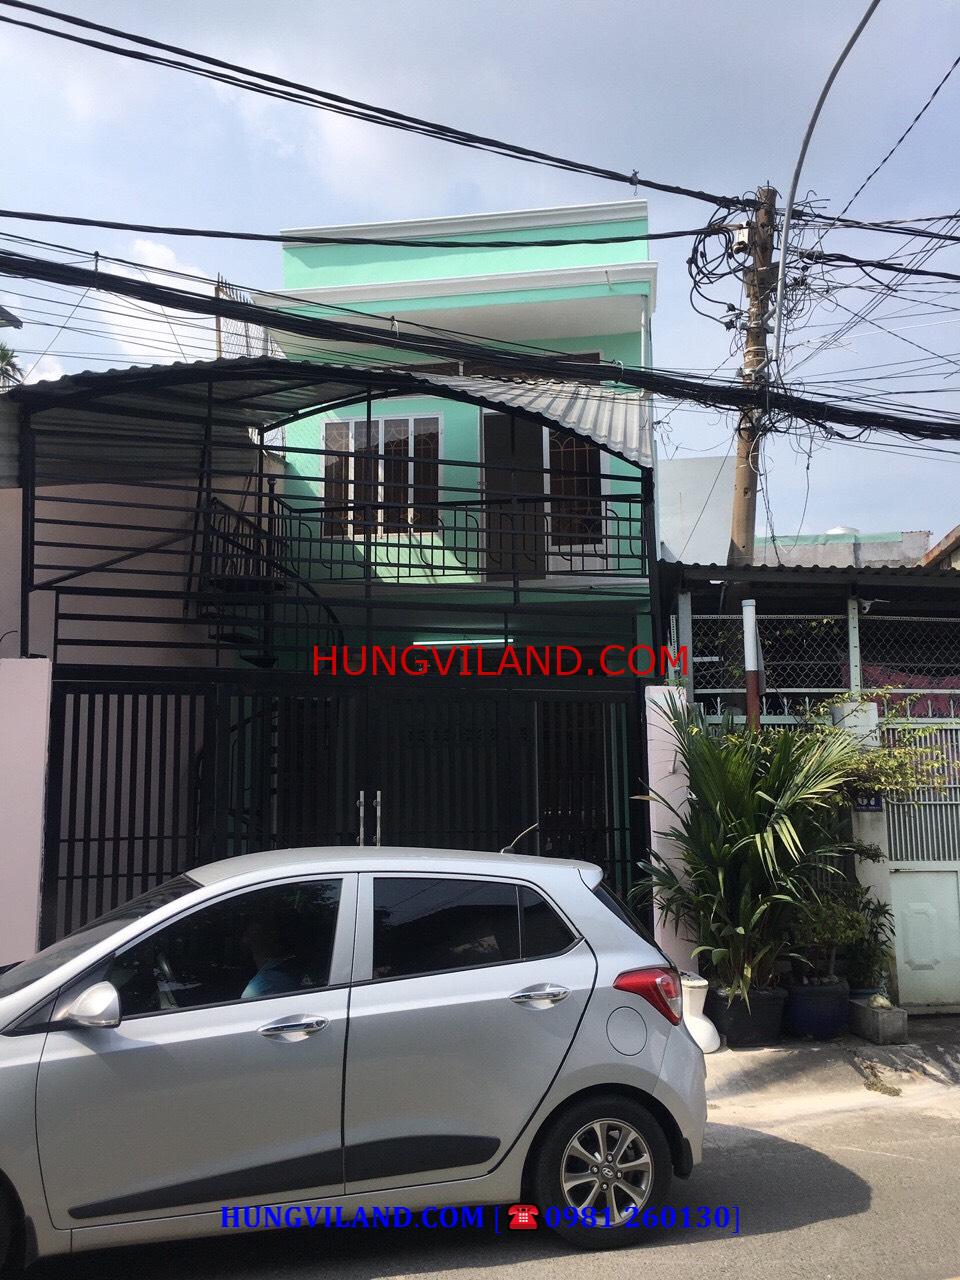 Bán nhà mặt tiền đường 379, Tăng Nhơn Phú A, Quận 9 – 4.3 tỷ TL + Hiện trạng: nhà 1 trệt 1 lầu, 2 phòng ngủ, 1WC + Diện tích: 4.25 x 16 = 70m2